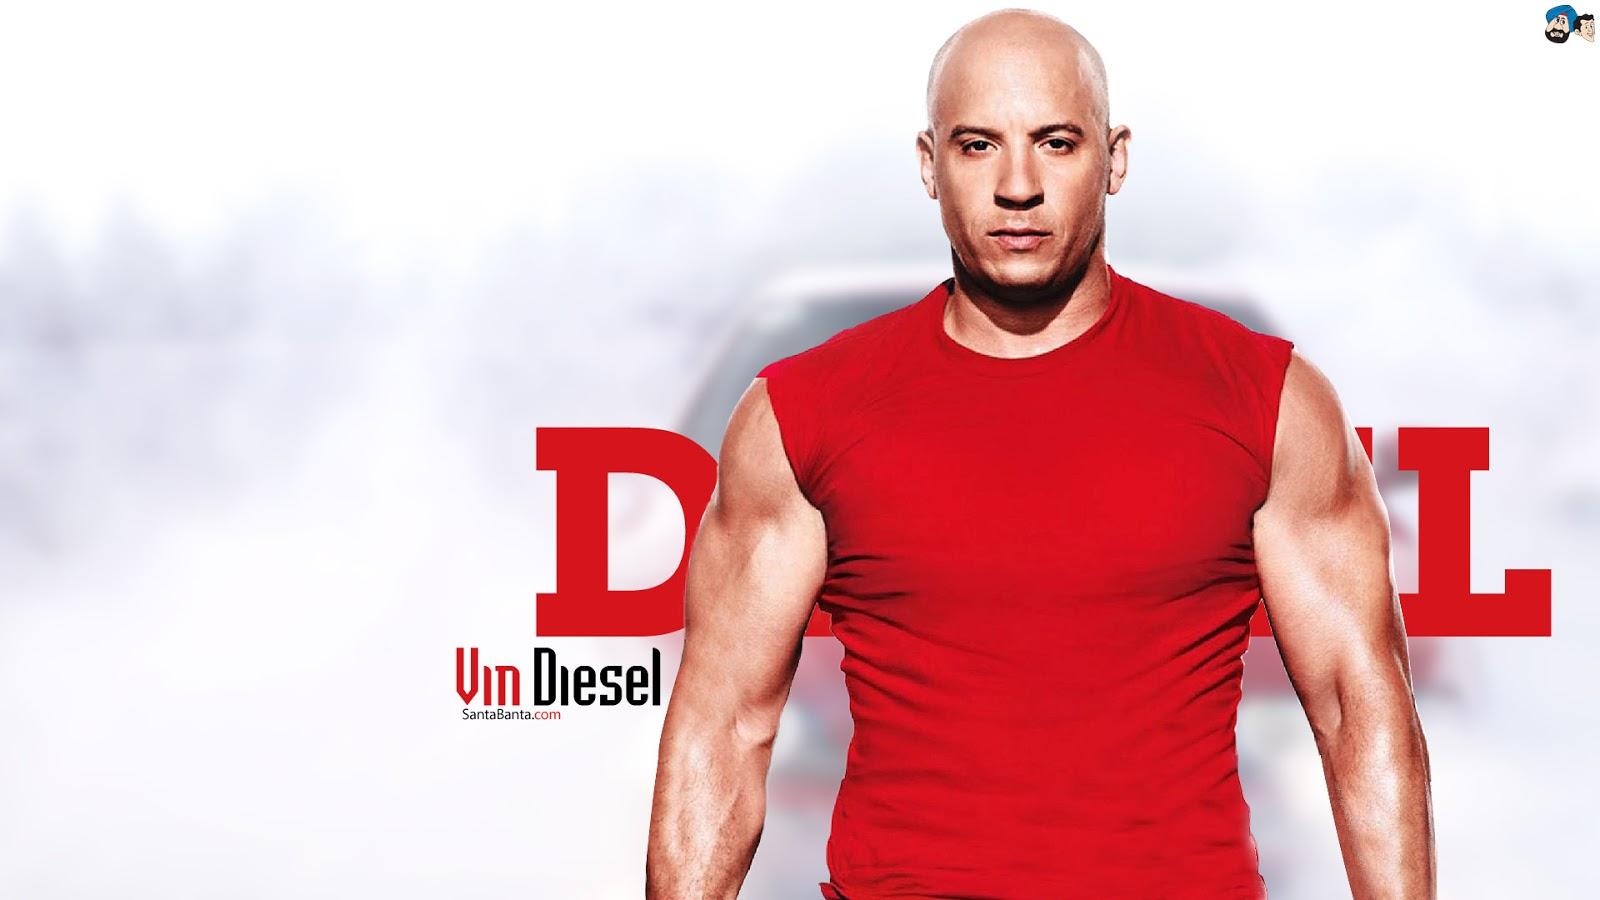 Vin Diesel HD Wallpapers Free Wallpaper